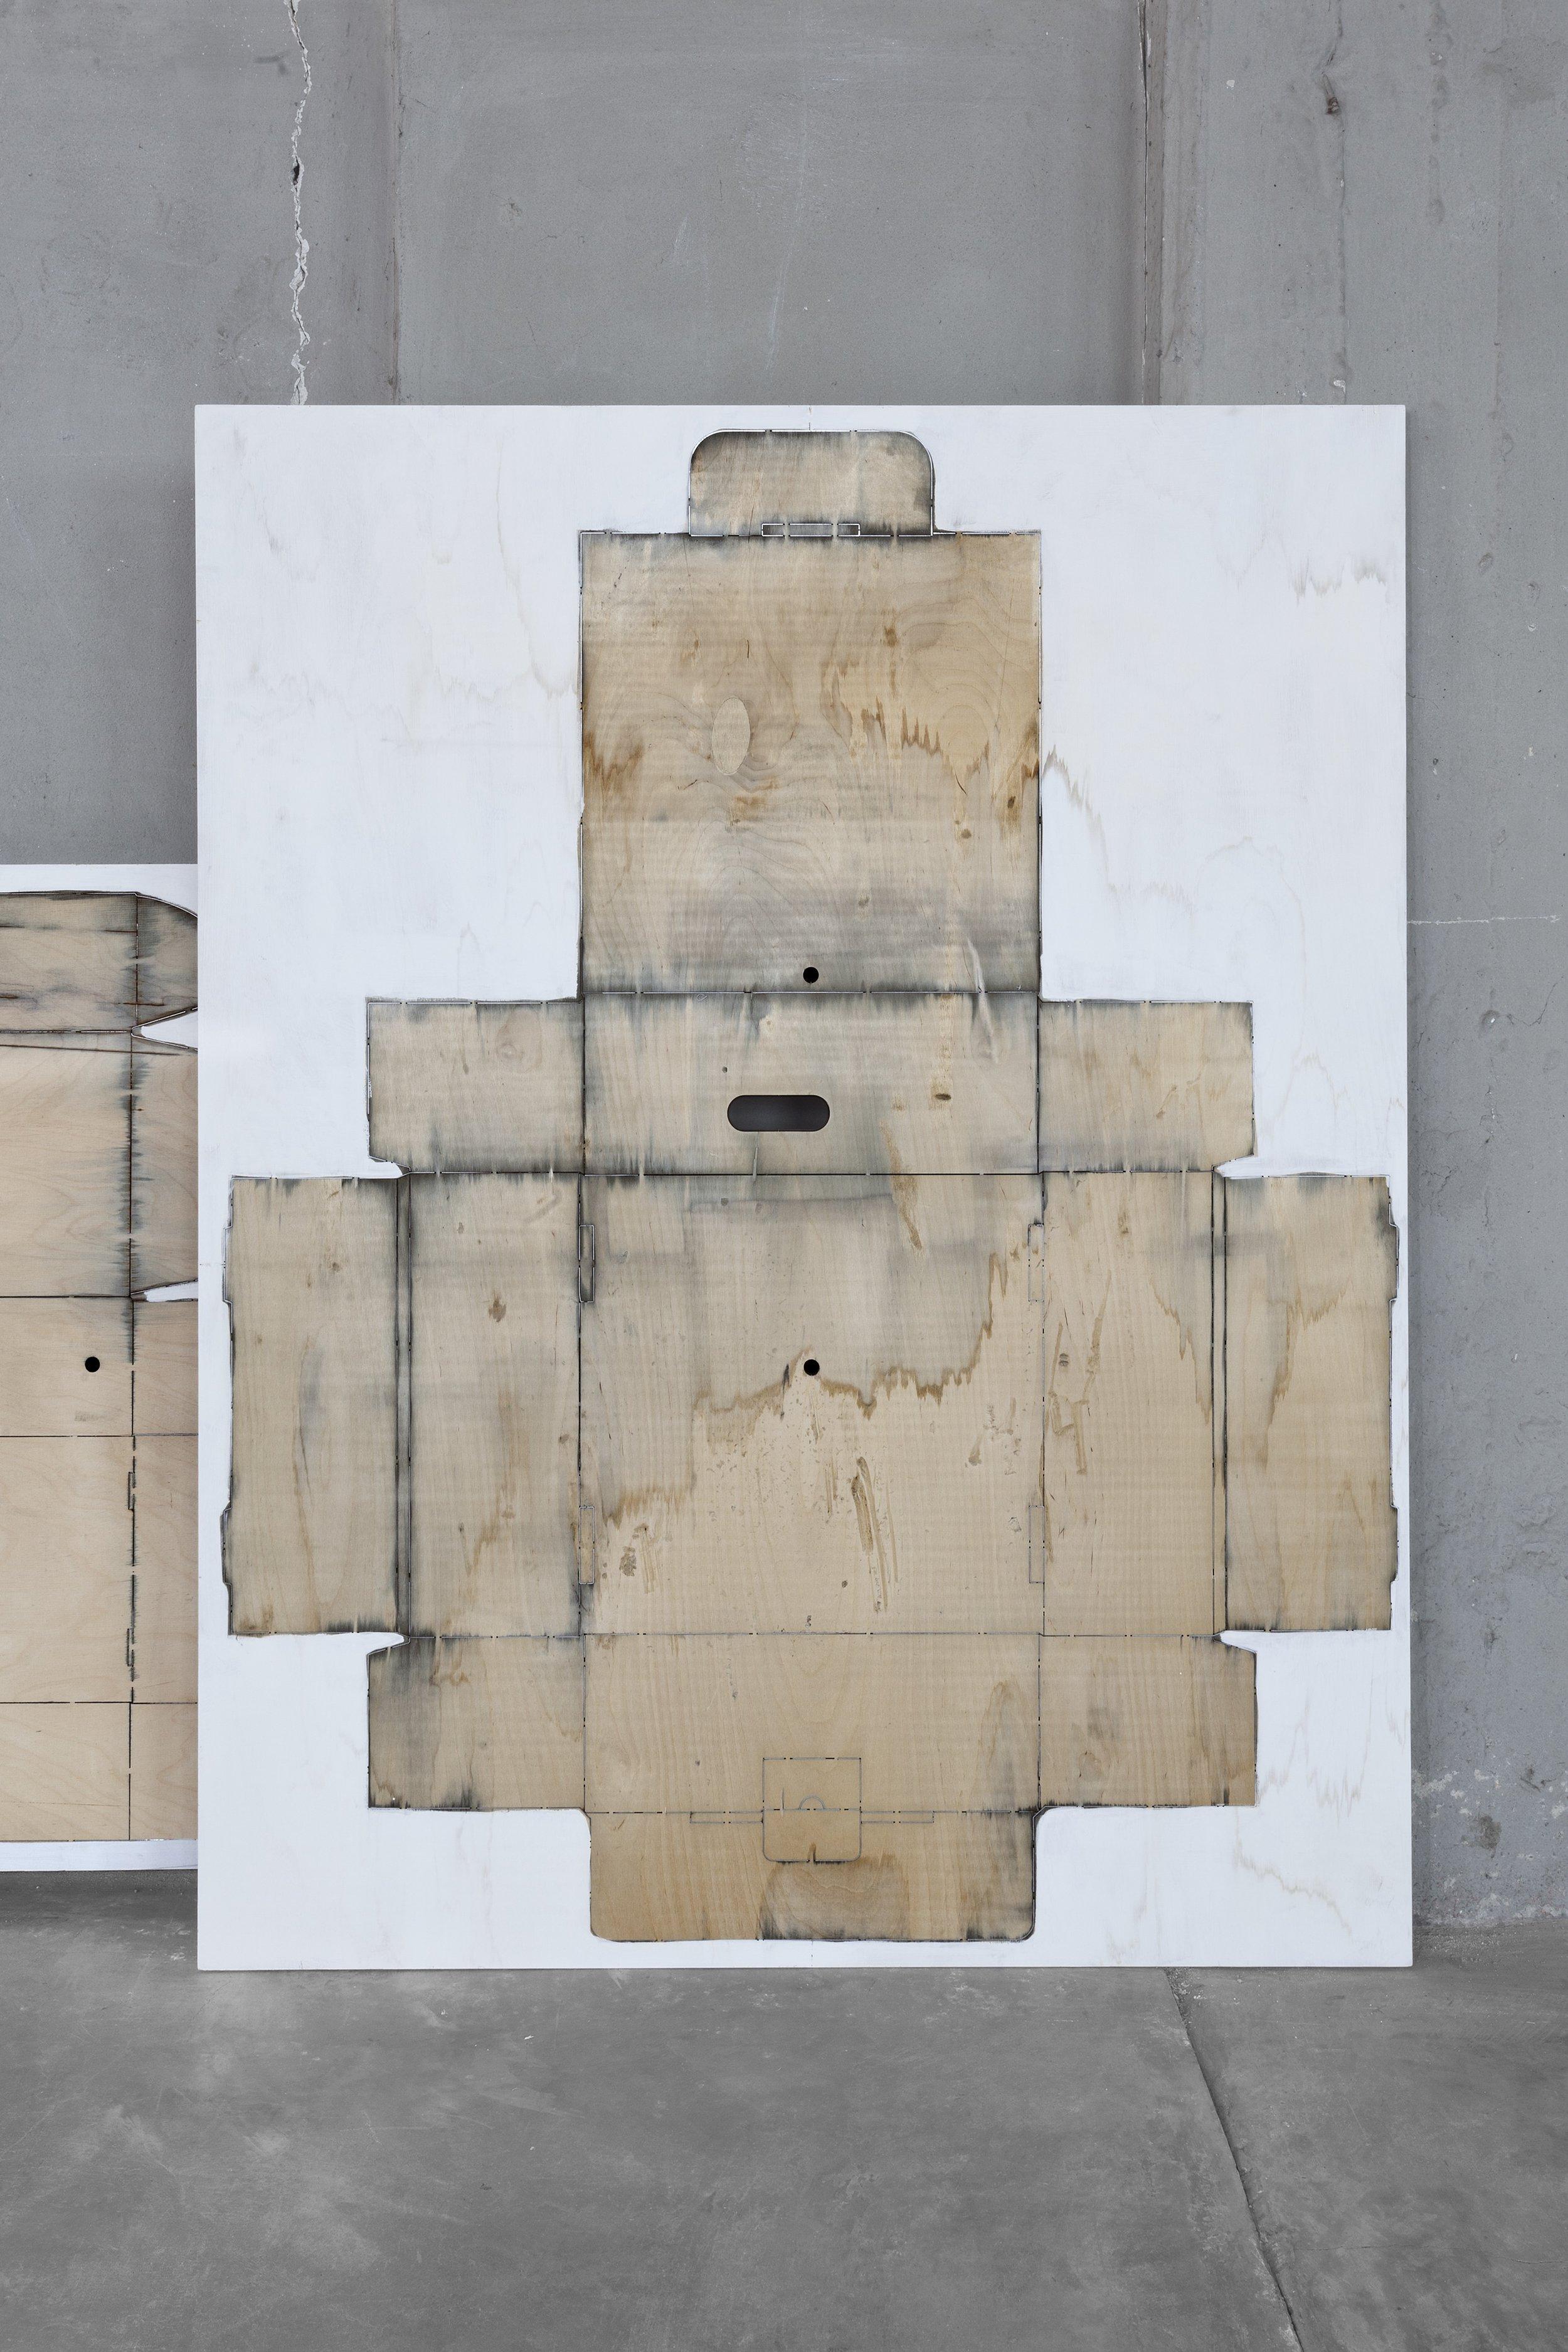 La Torre #34  2019 - acrilico su fustella in multistrato di legno  cm 124x100x3